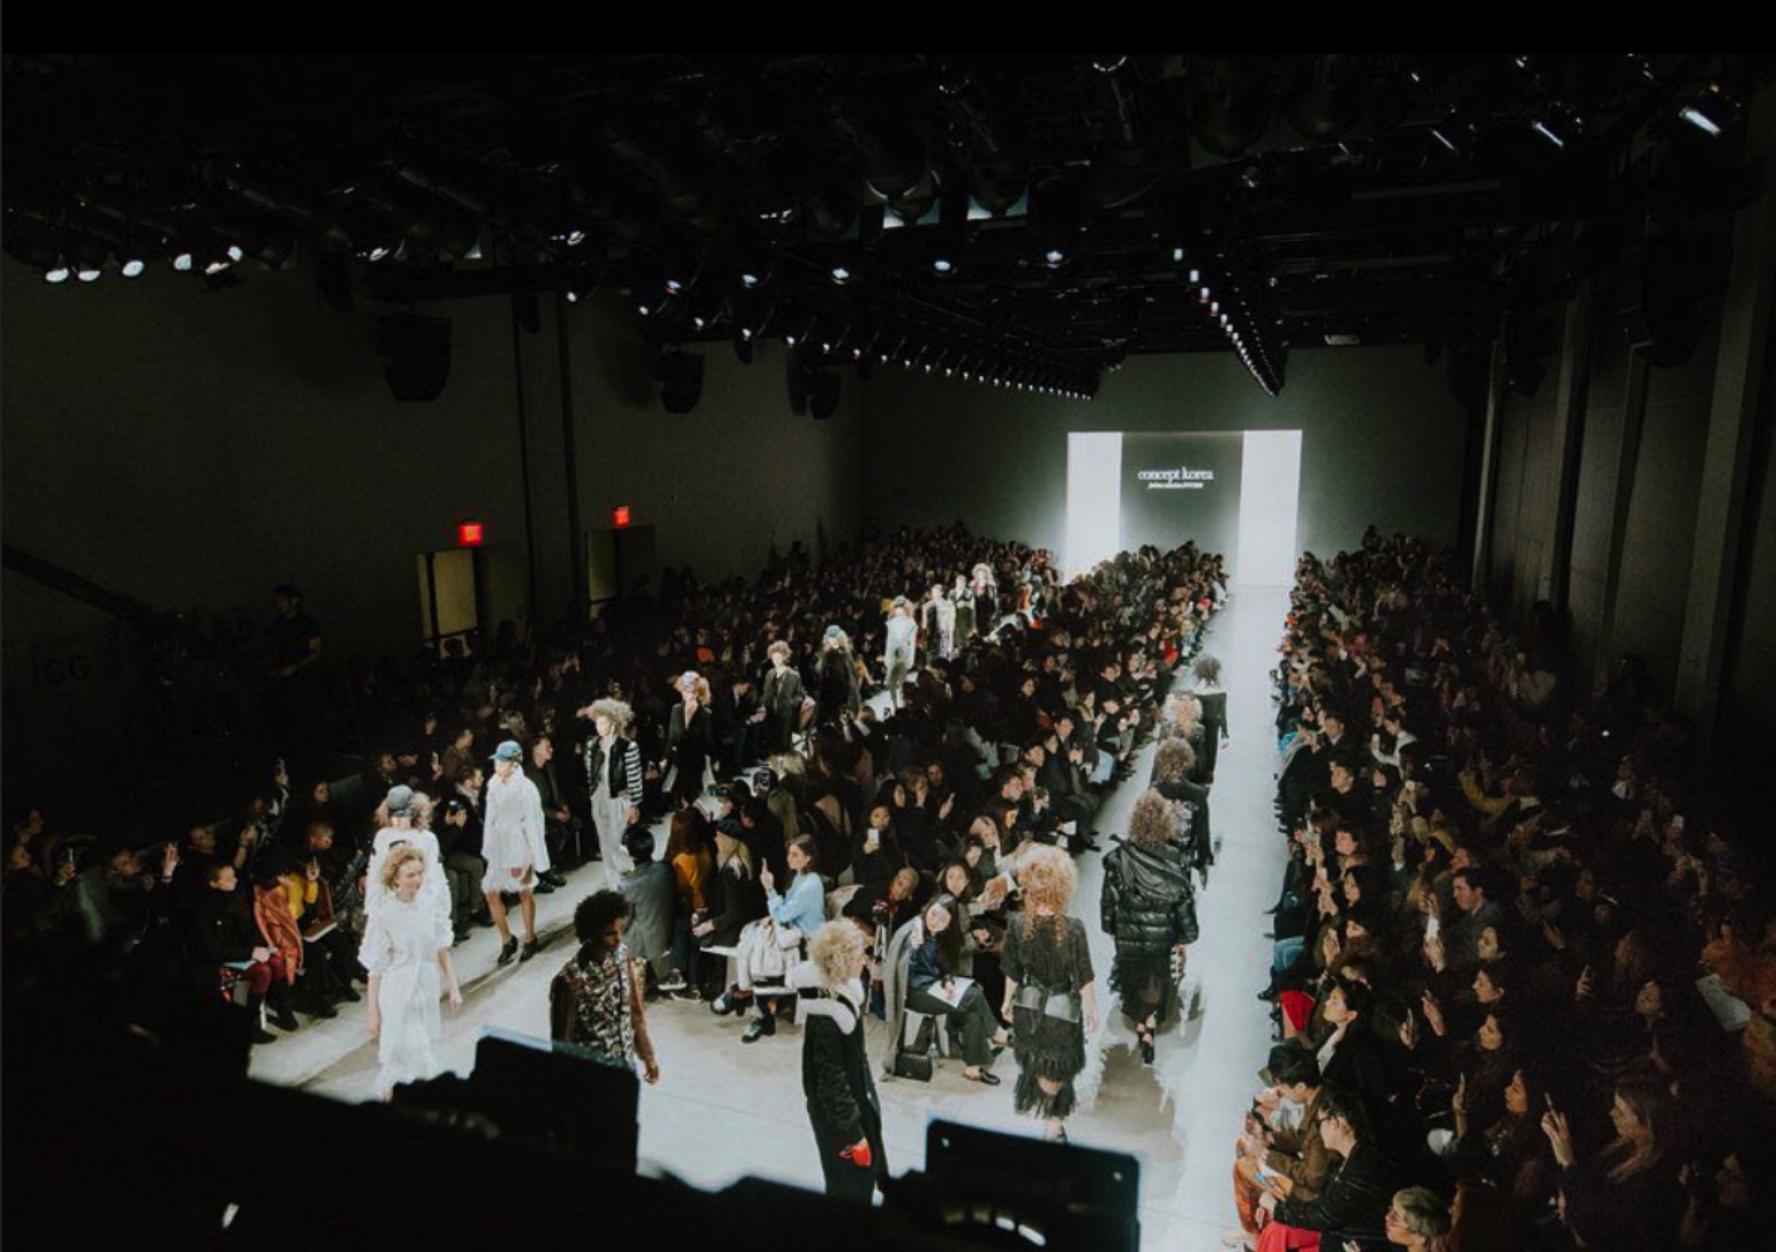 - 2019년 2월, 다가오는 2019 F/W 시즌을 위해 뉴욕 패션위크는 디자이너들과 모델, 그리고 패션업계 종사업자들로 한창 붐비고 있었다. FIT에 재학중인 나는, 학교를 통해 요청이 온 CONCEPT KOREA 패션쇼의 서포터즈 지원하게 되었다.자료출처 : 컨셉코리아 인스타그램